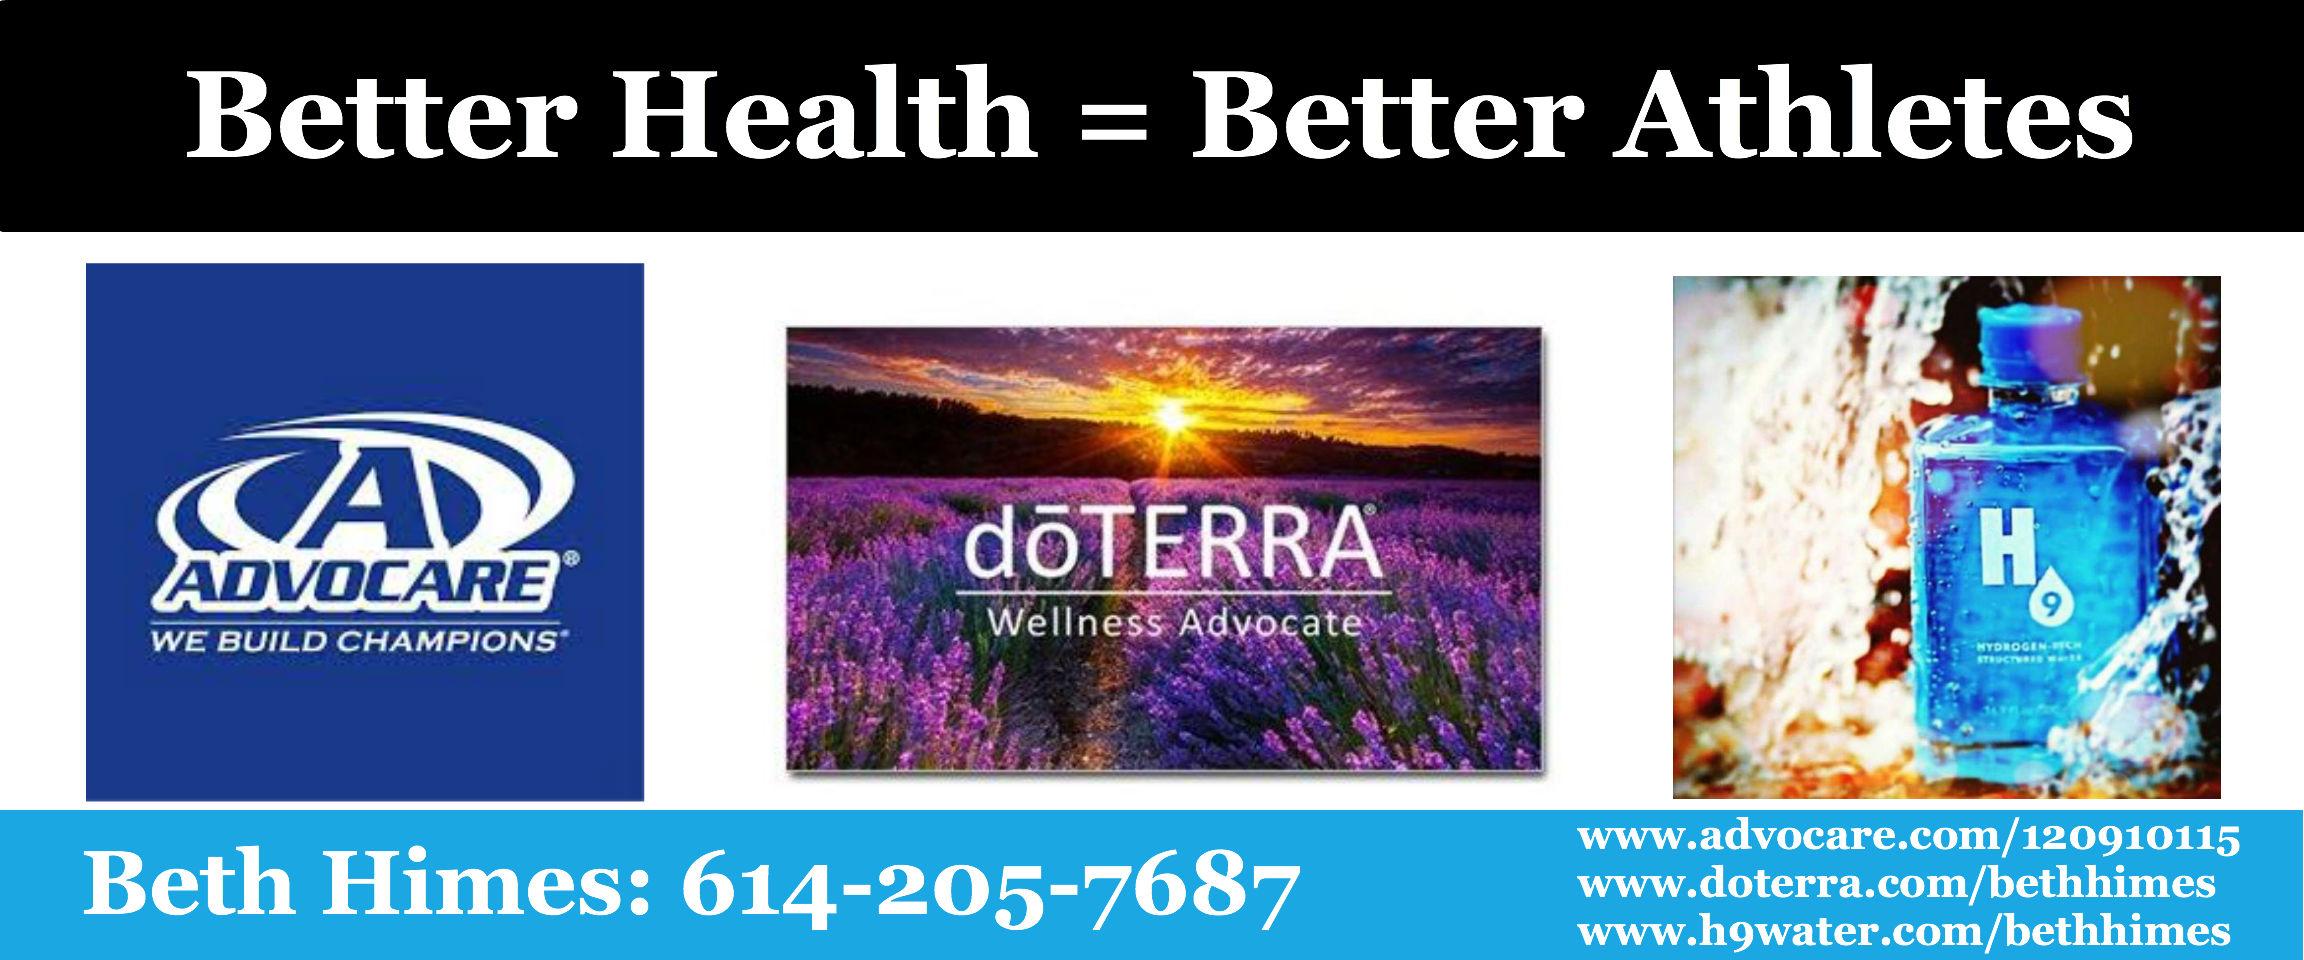 Better Health/Better Athletes